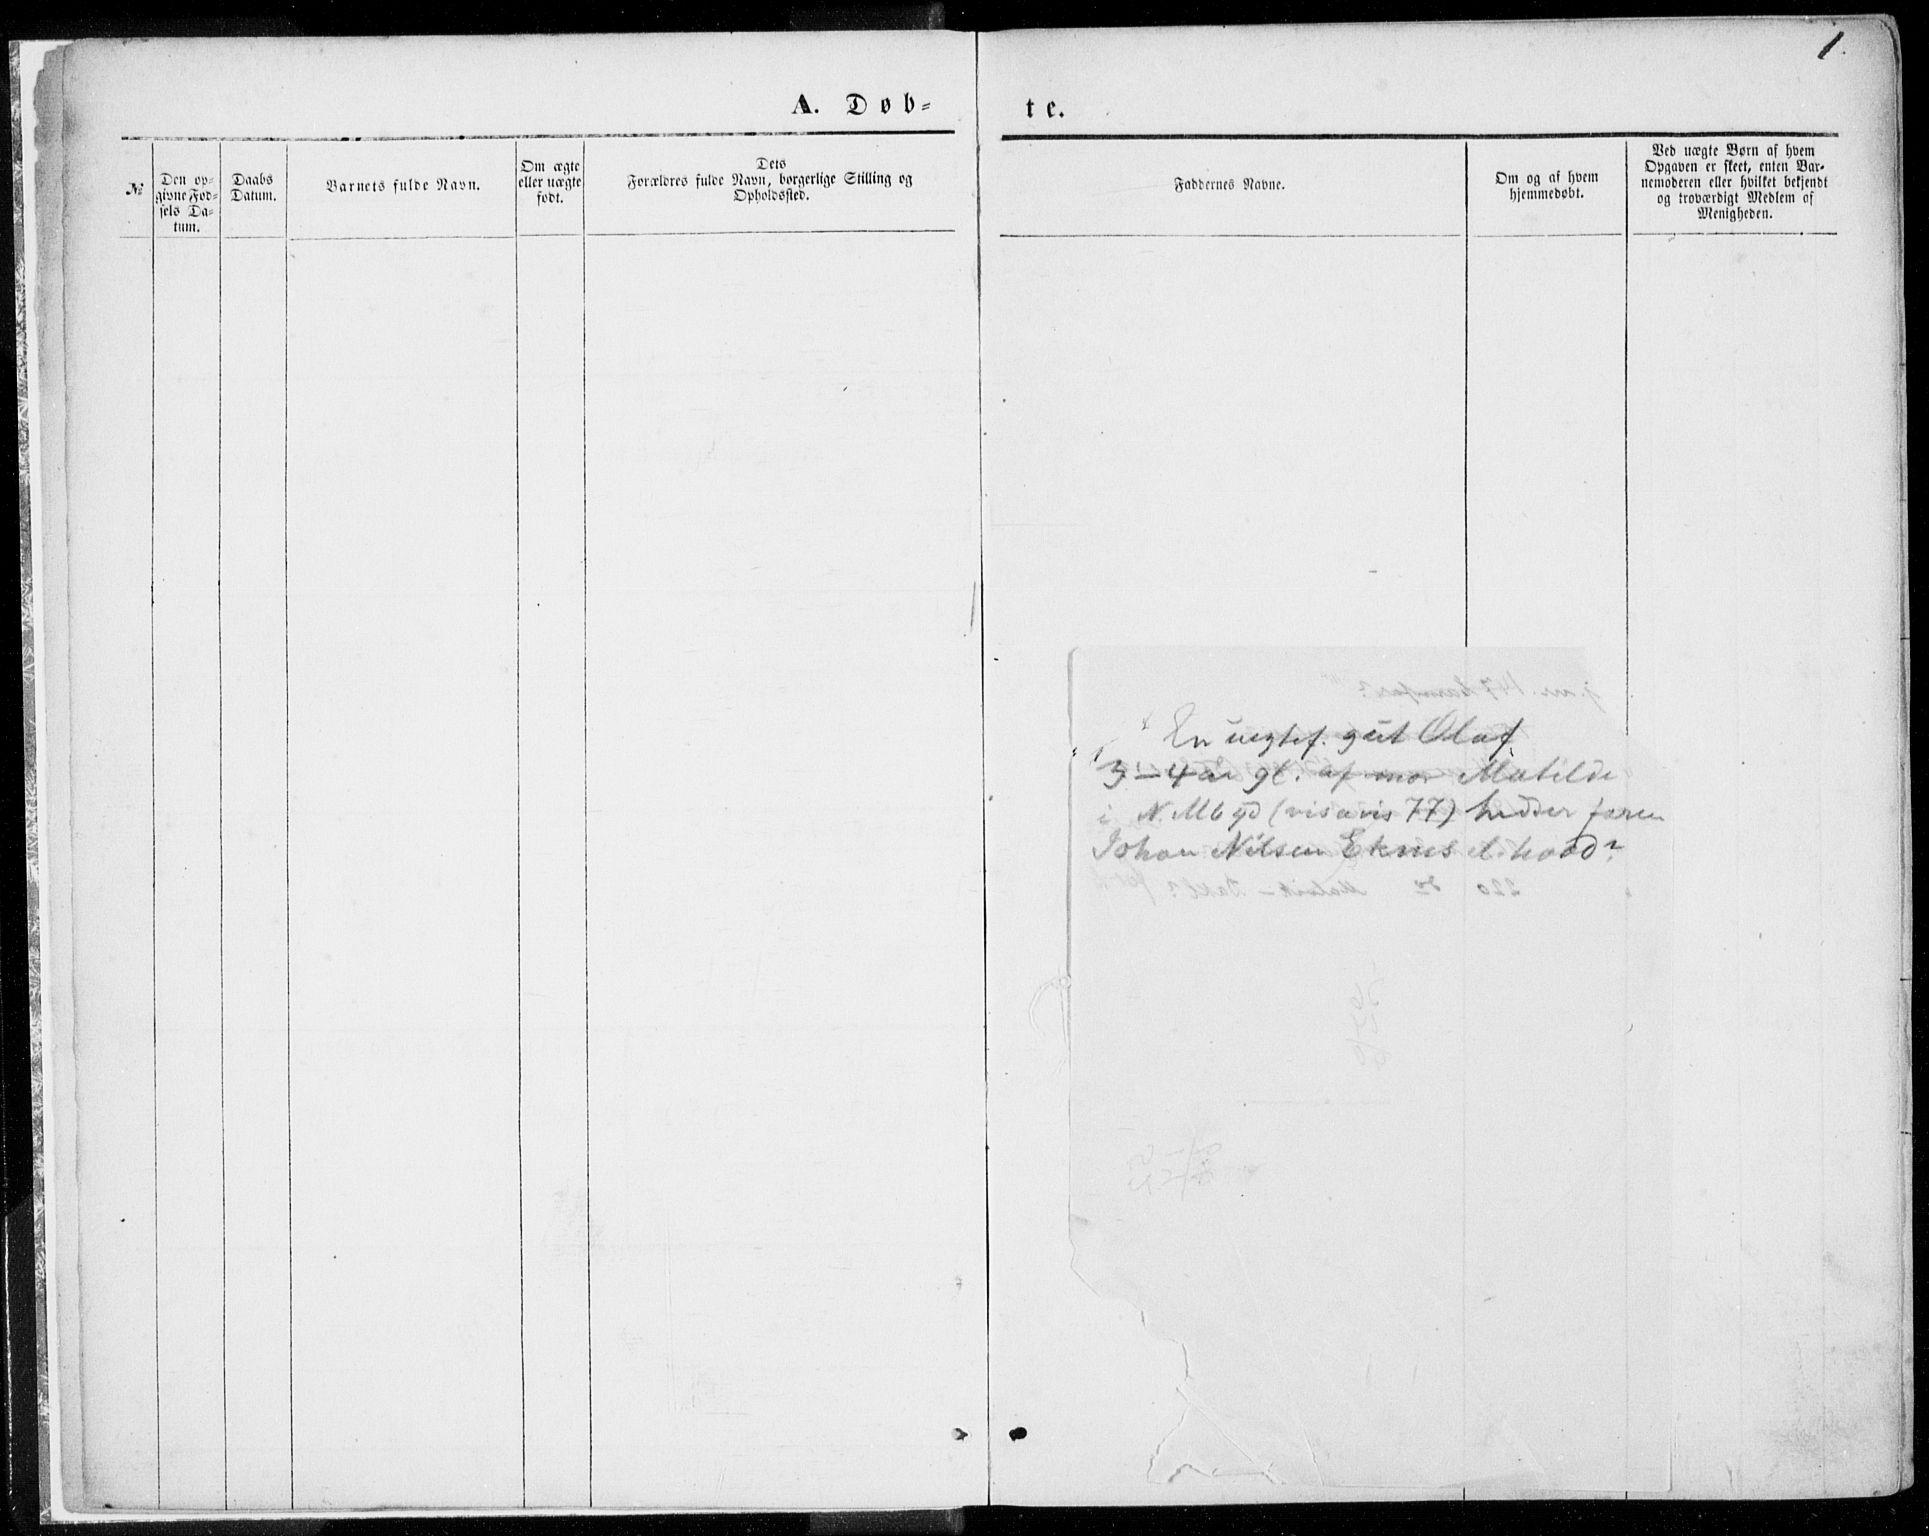 SAT, Ministerialprotokoller, klokkerbøker og fødselsregistre - Møre og Romsdal, 557/L0681: Ministerialbok nr. 557A03, 1869-1886, s. 1